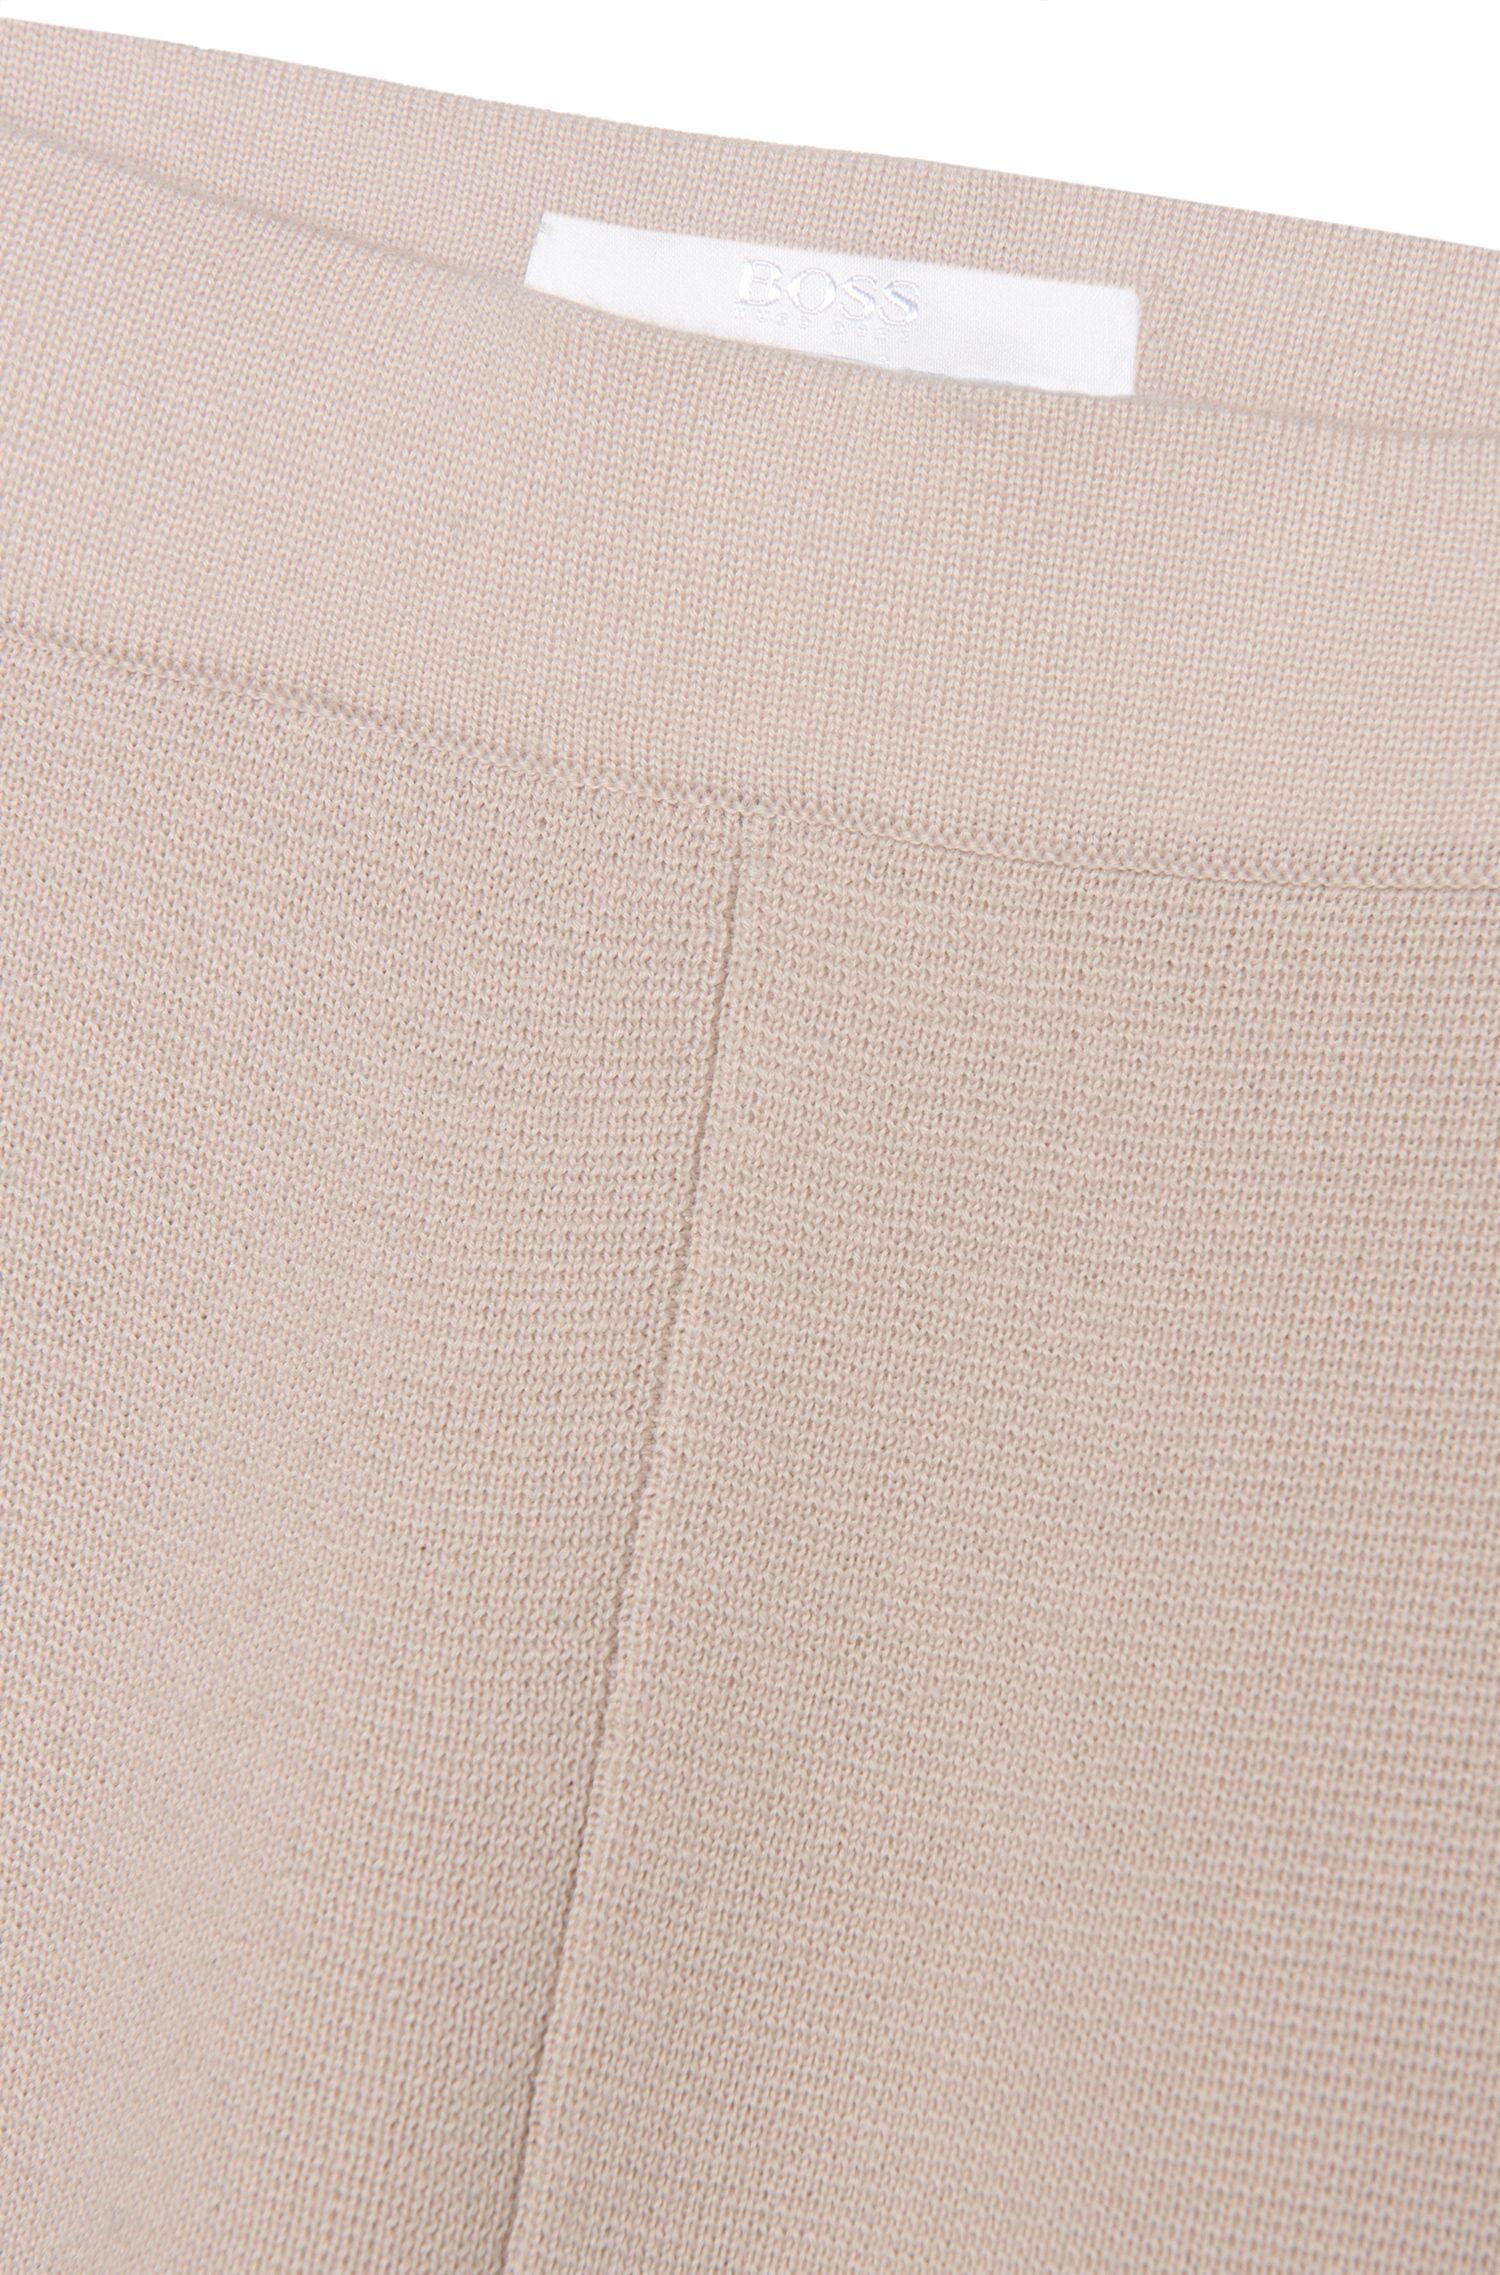 Gebreide broek van scheerwol: 'Falali'